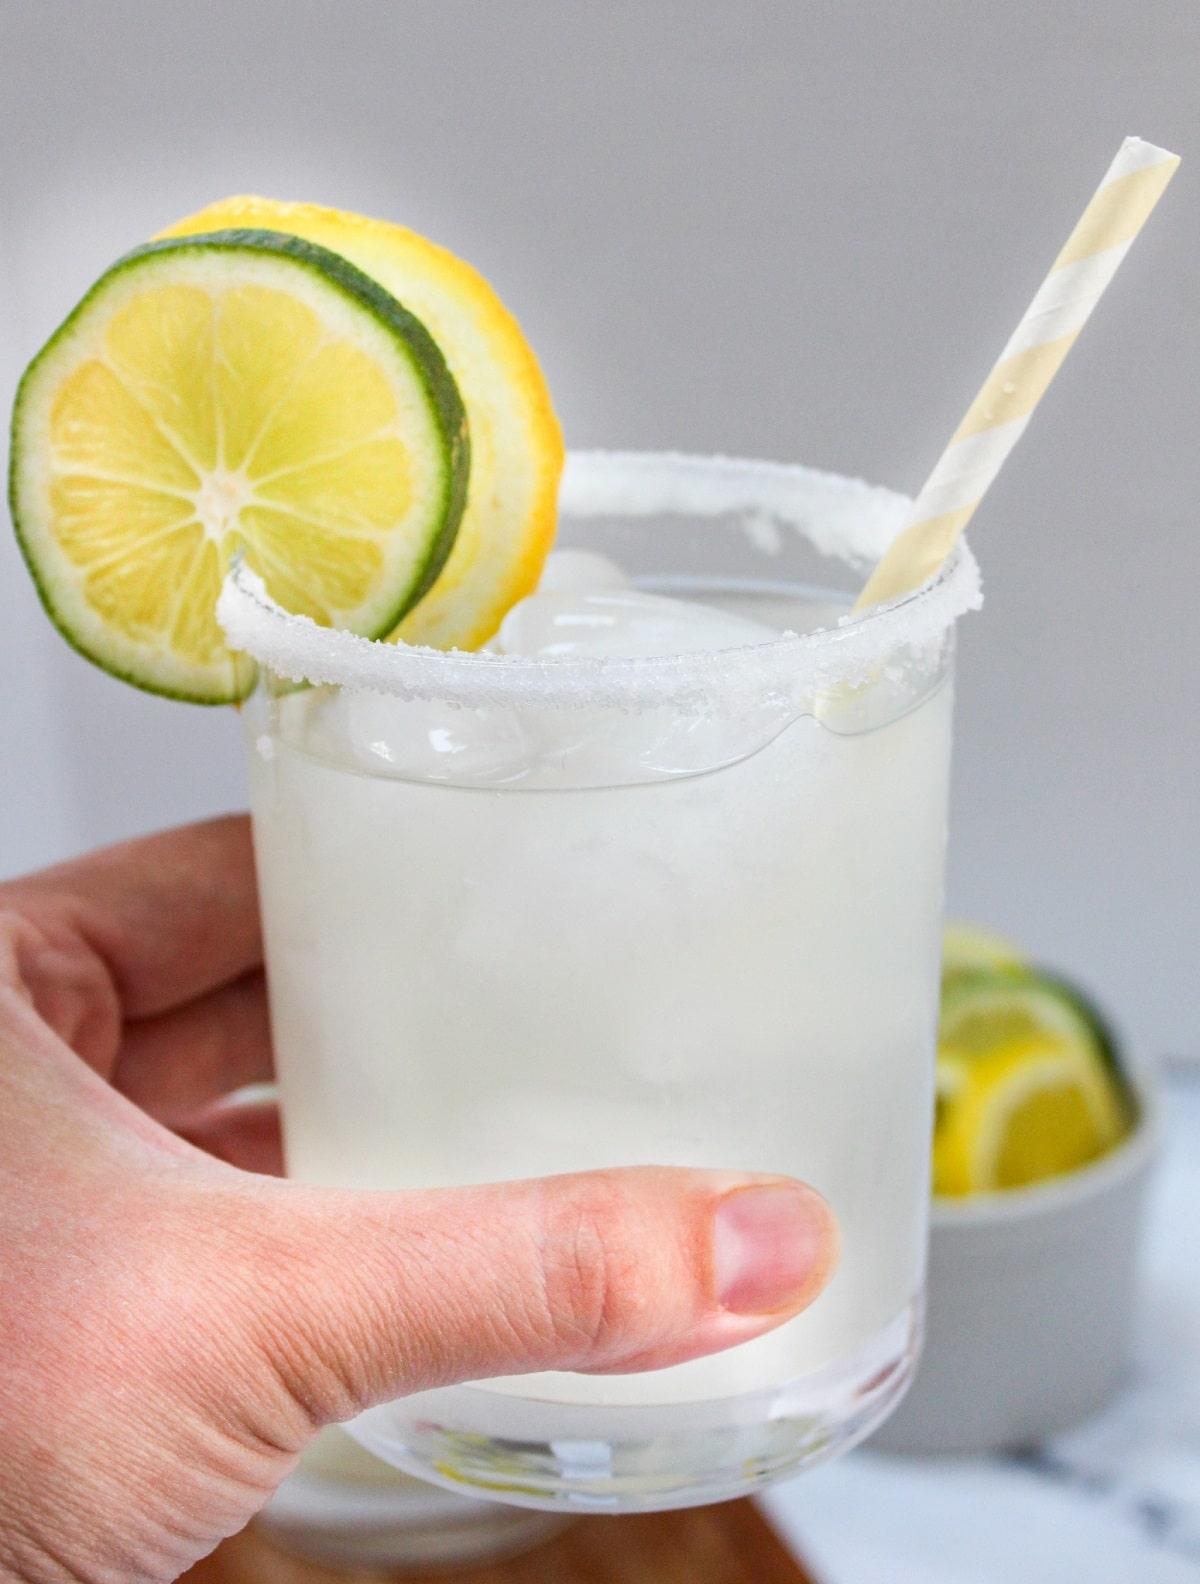 lemonade margaritas held in hand